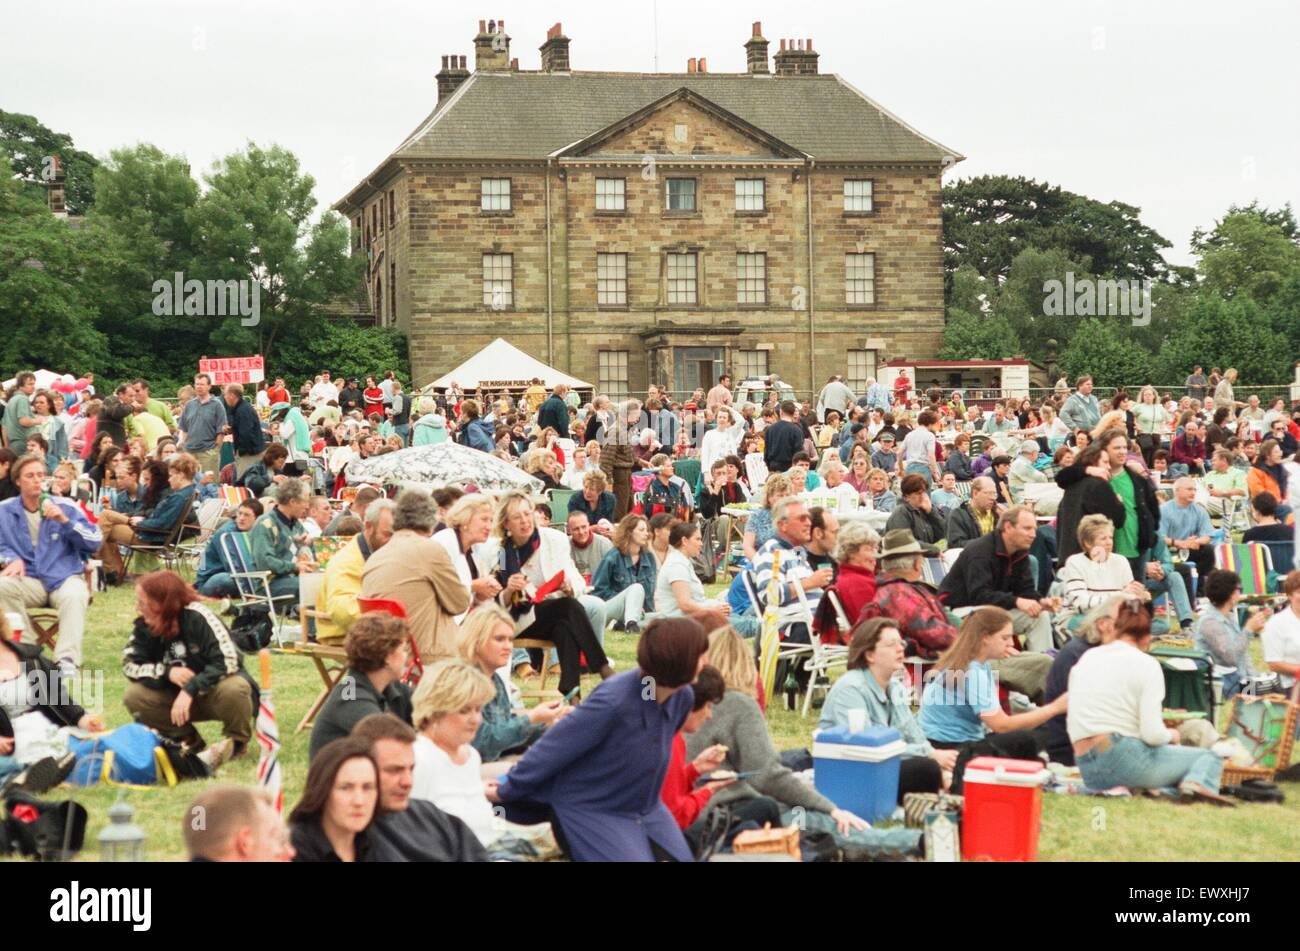 Un anni sessanta e settanta concerto simile a bande e Beatlemania Bjorn Again era tenuto a Ormesby Hall di sabato Immagini Stock